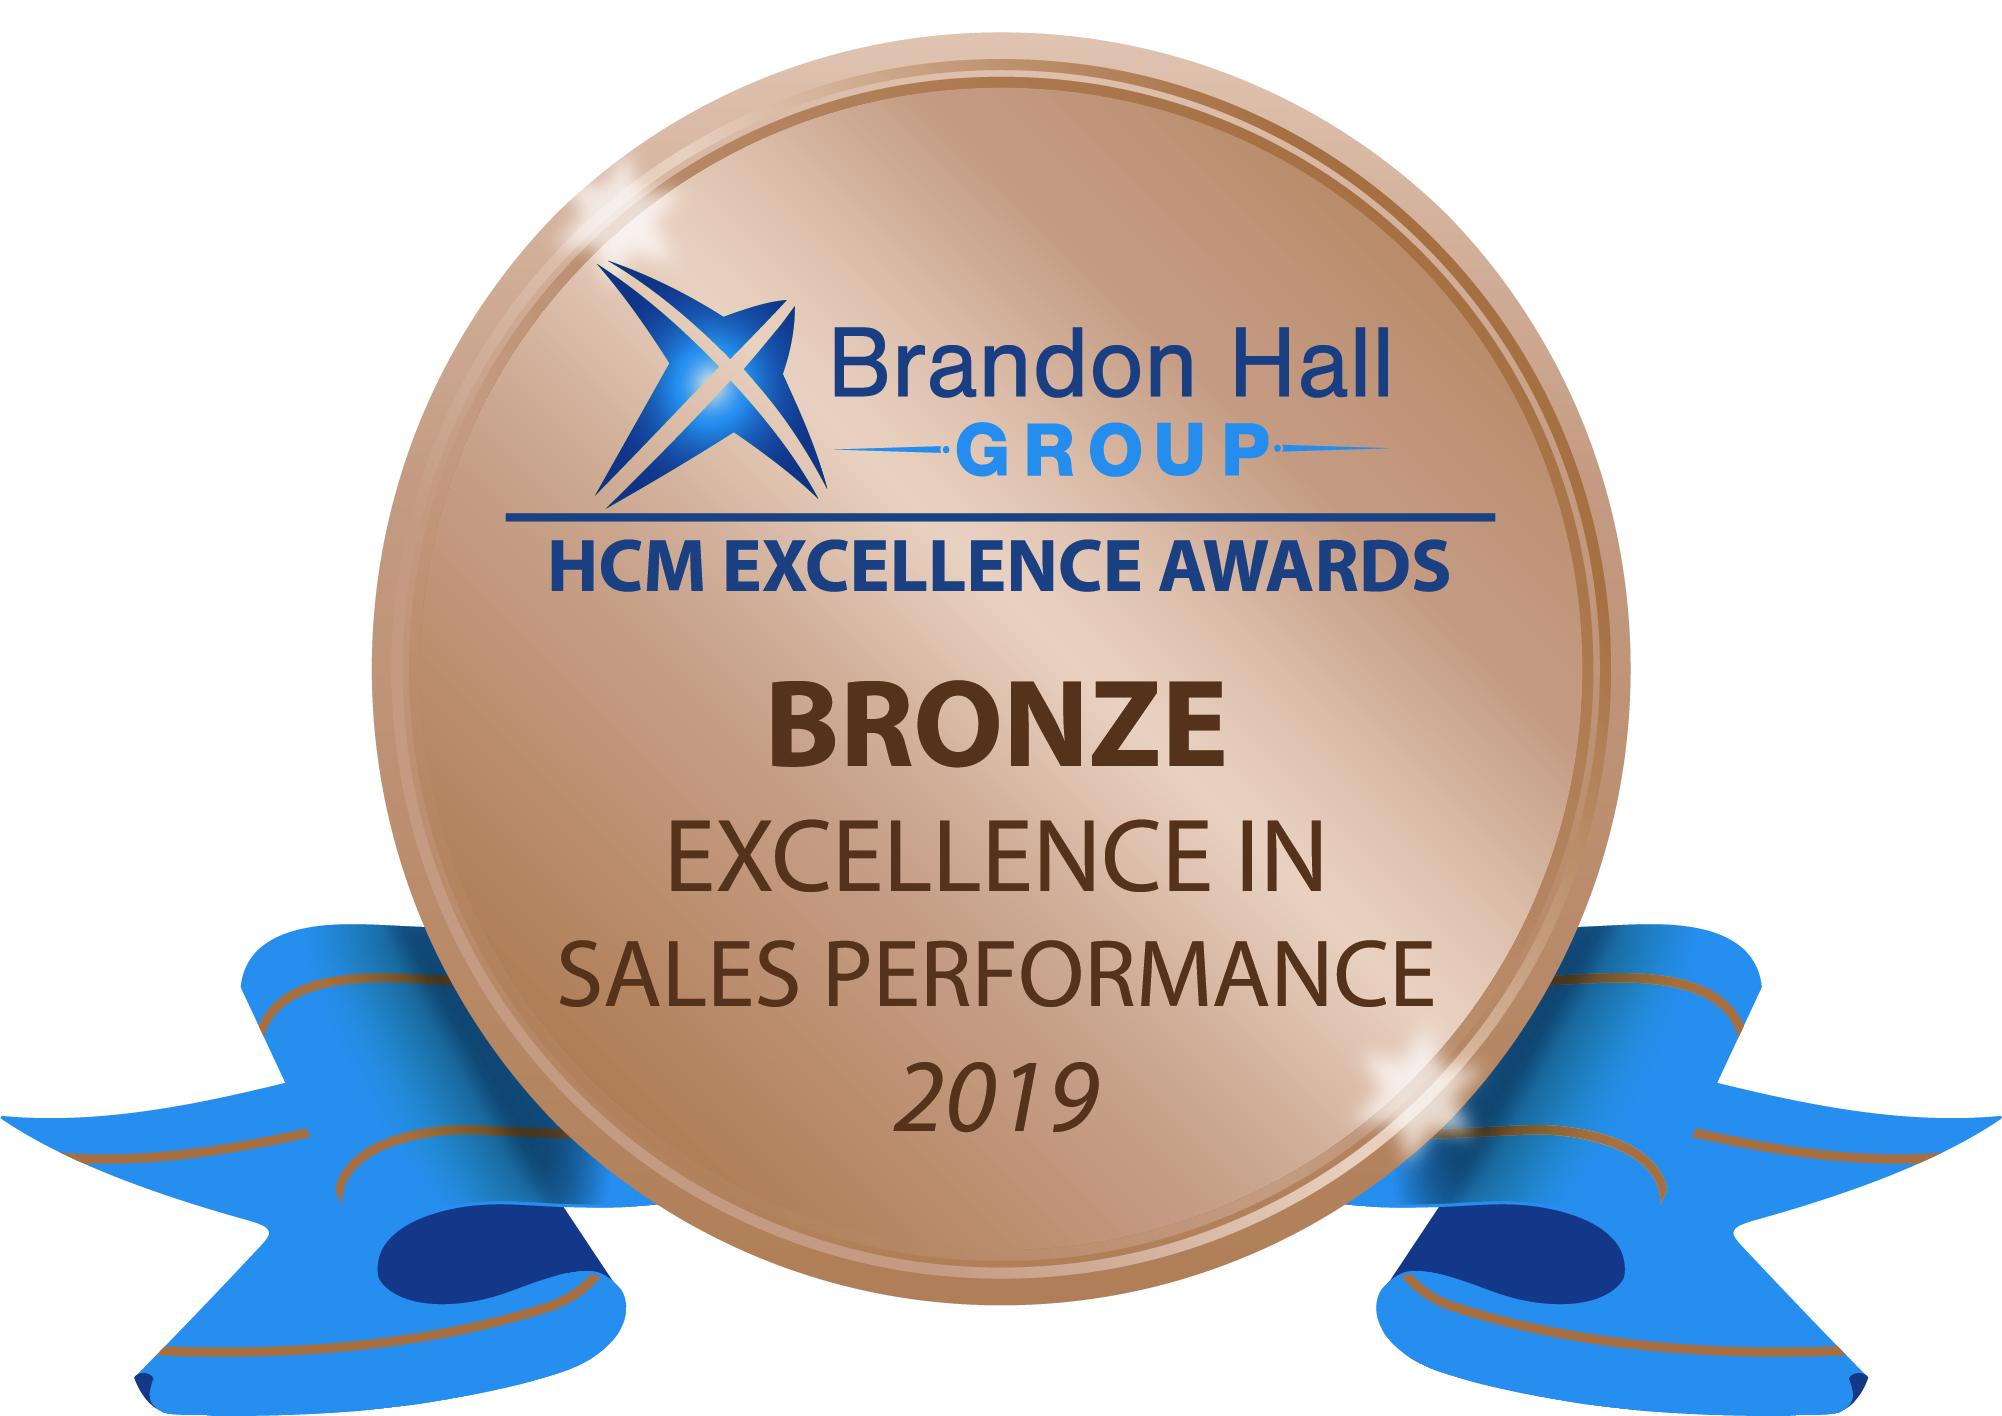 Bronze-SP-Award-2019-01.jpg